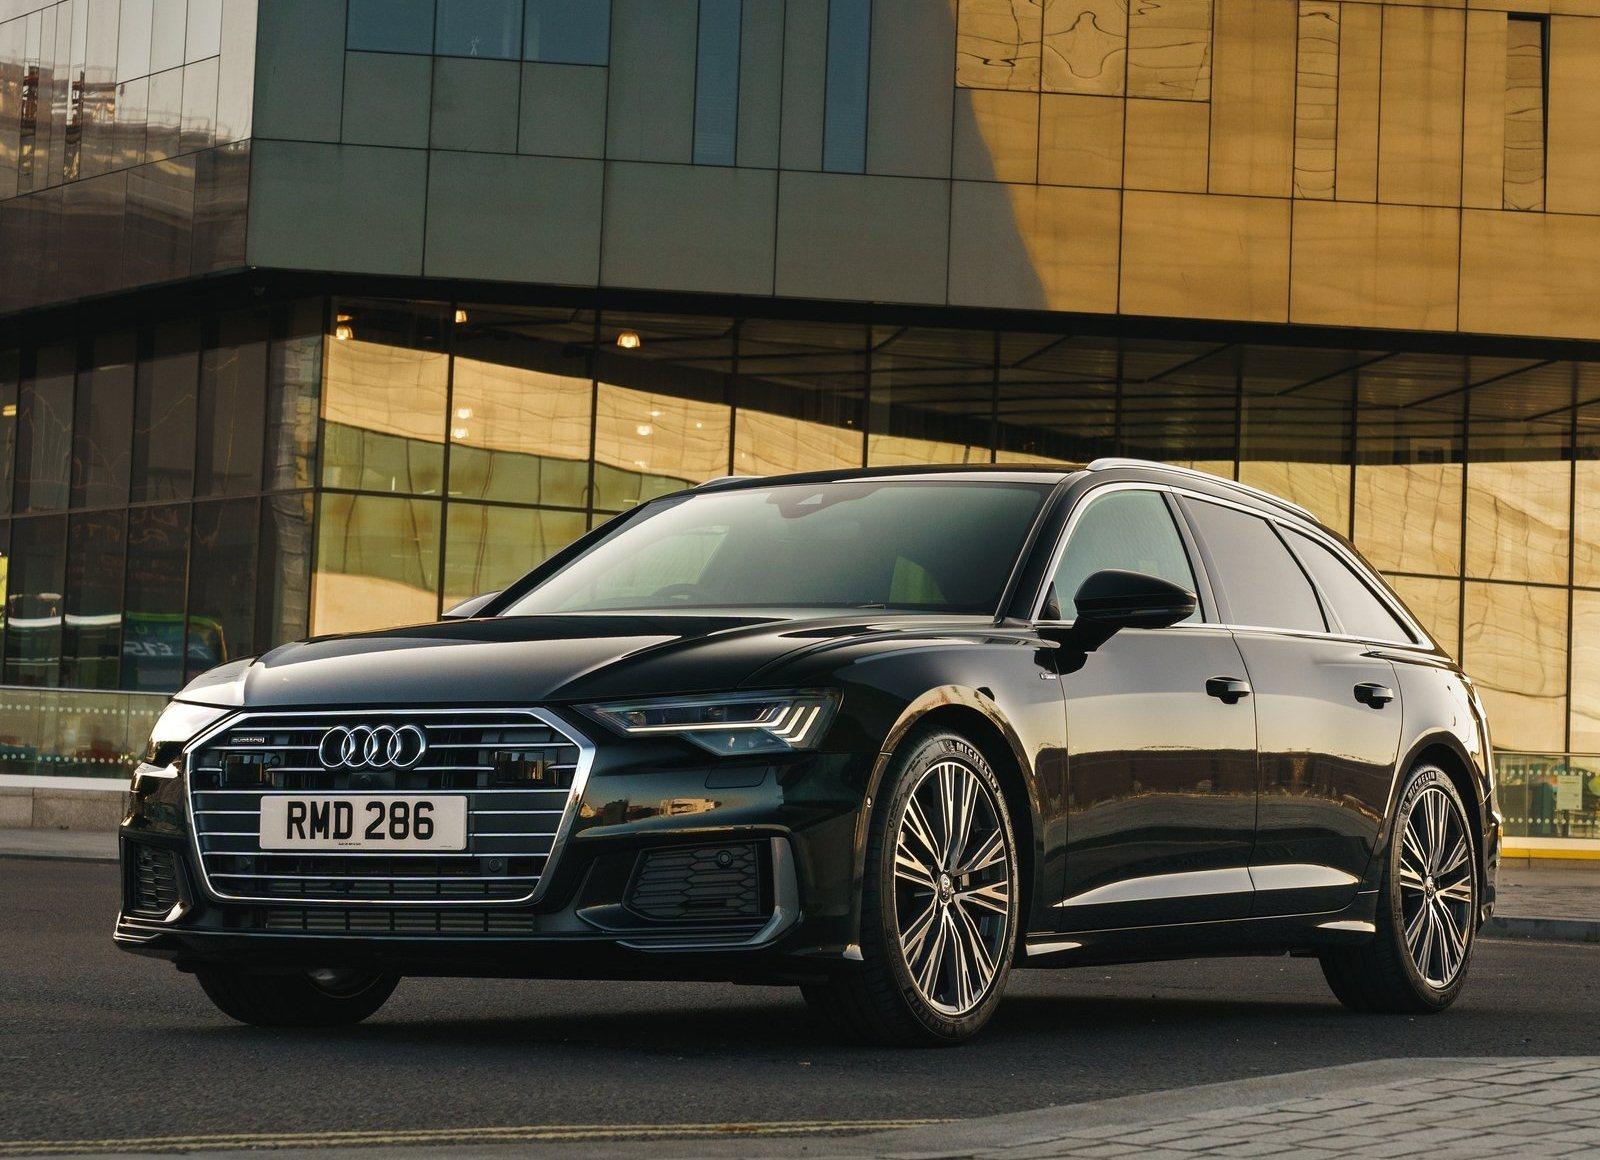 2019 Audi A6 Avant Uk